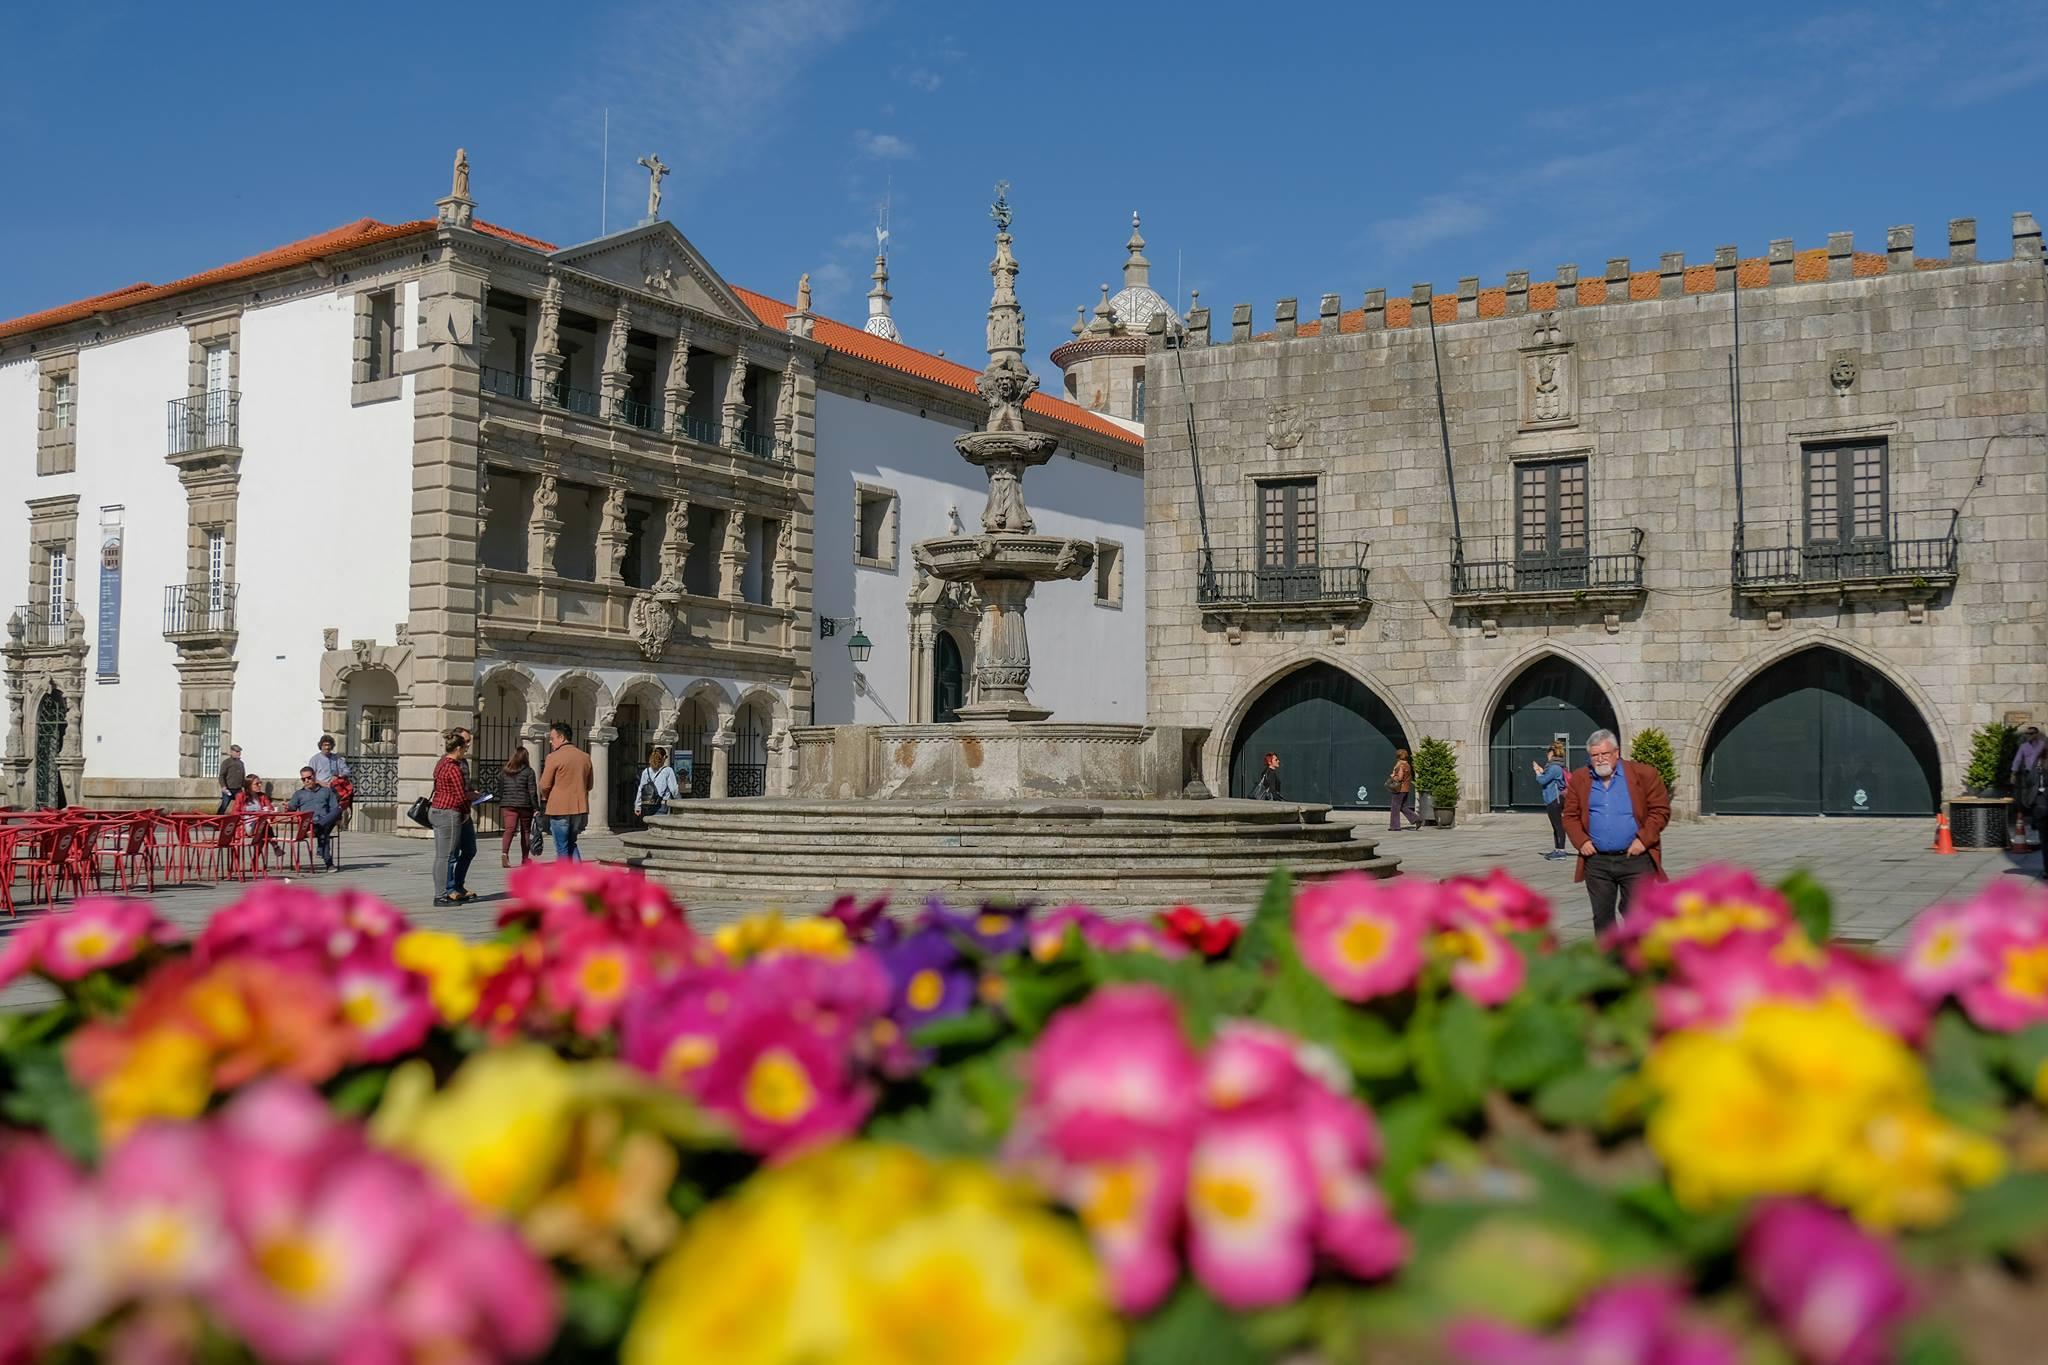 Viana do Castelo prevê 500 milhões de euros e mil empregos em 10 anos com economia do mar